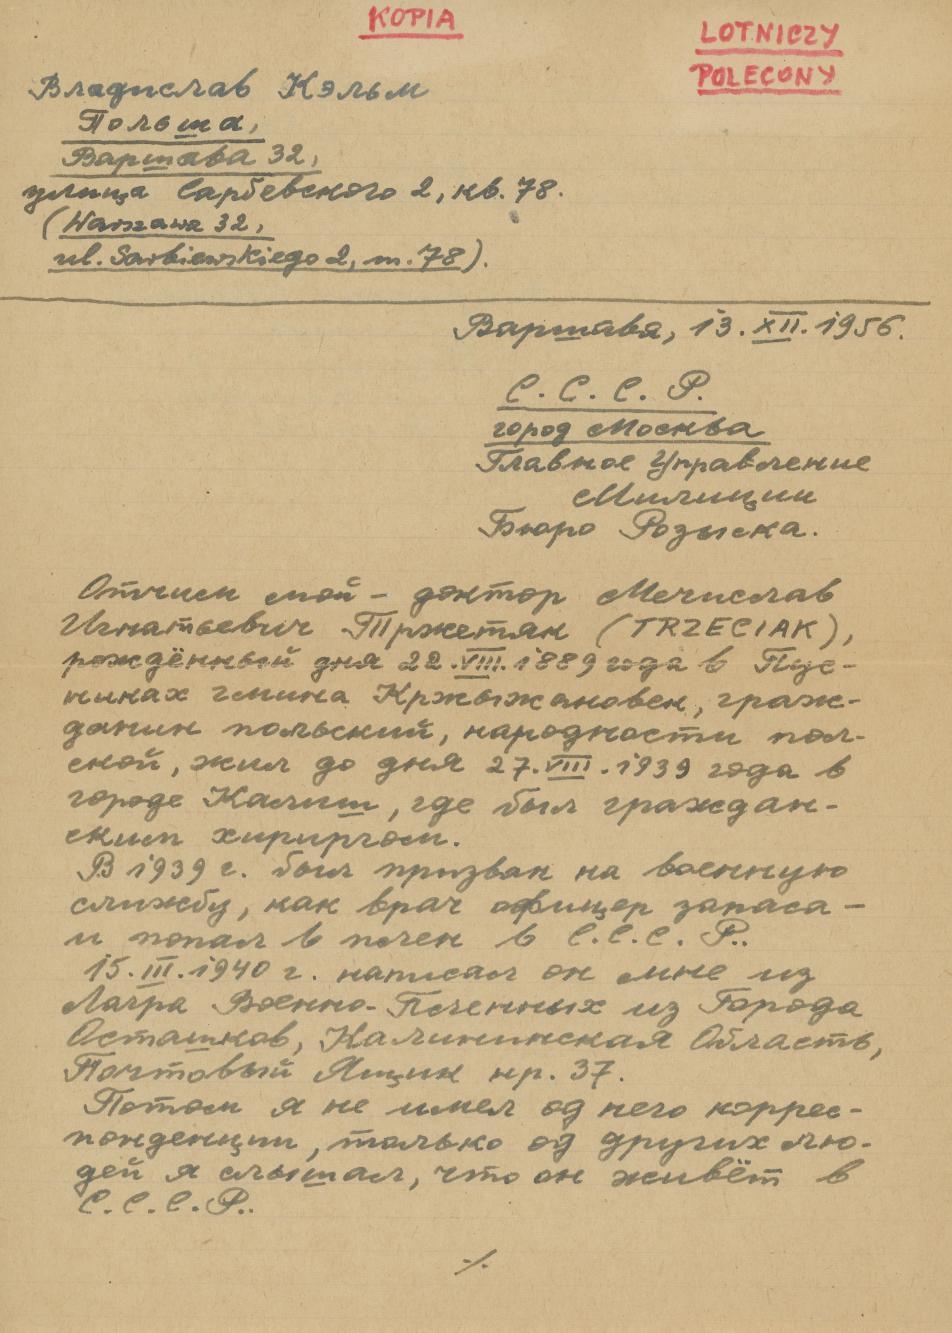 Pismo W. Kelma w języku rosyjskim dot. Mieczysława Trzeciaka